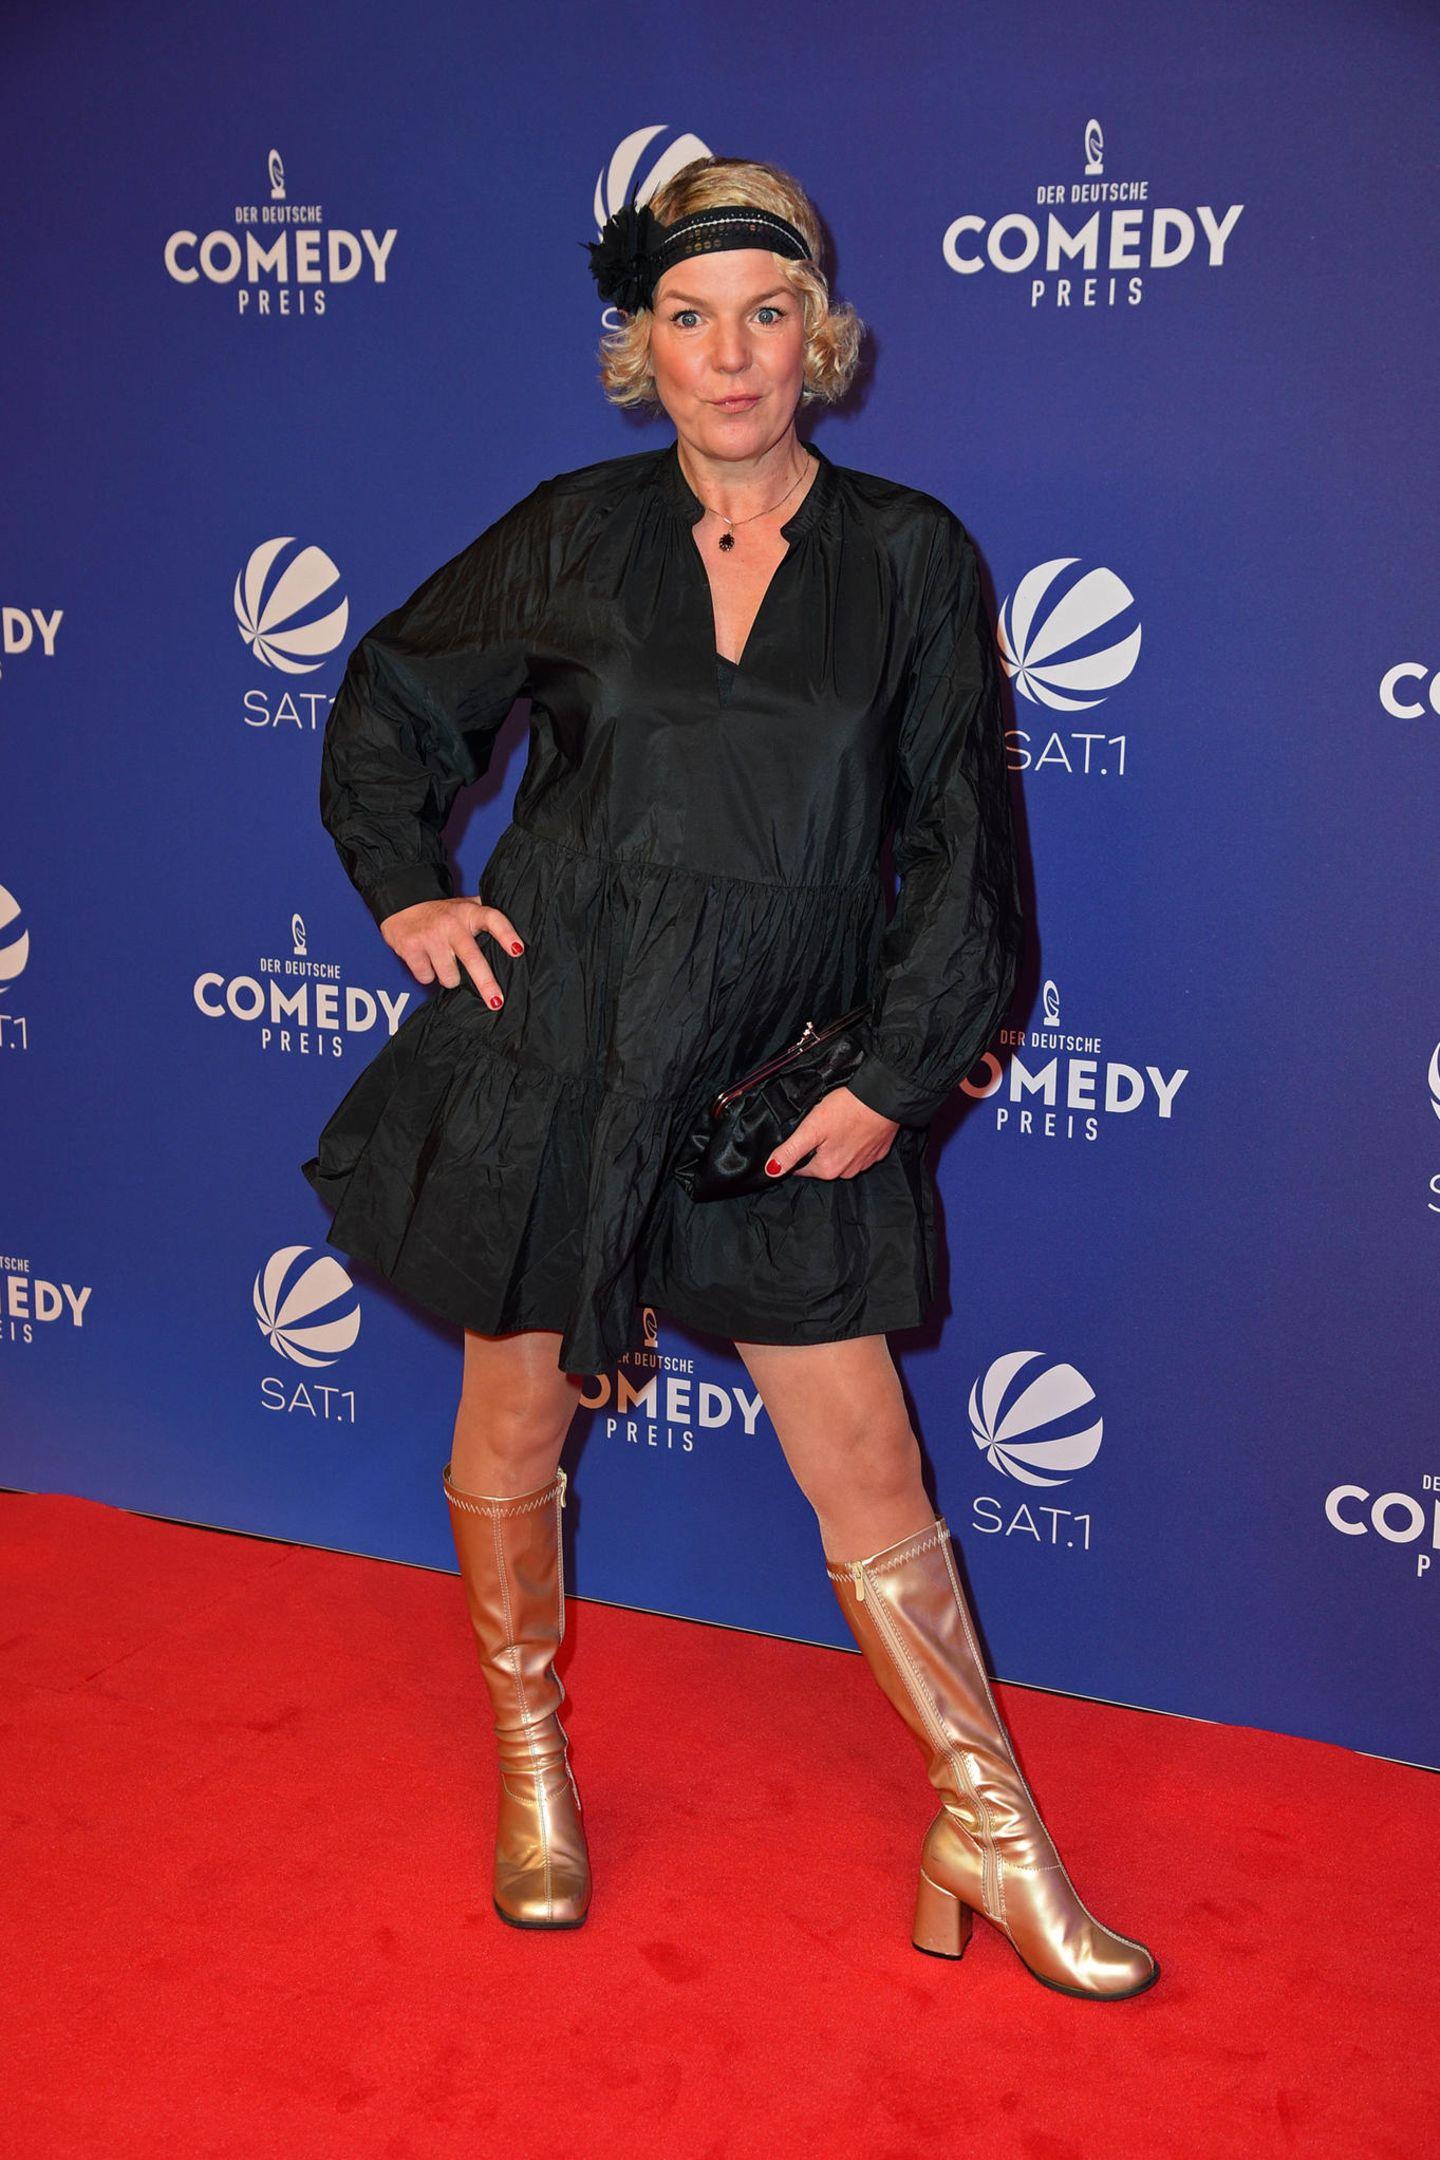 Die goldenen 20er-Jahre - Komikerin Mirja Boes lässt sich bei ihrem Comedypreis-Look von der Vergangenheit inspirieren.